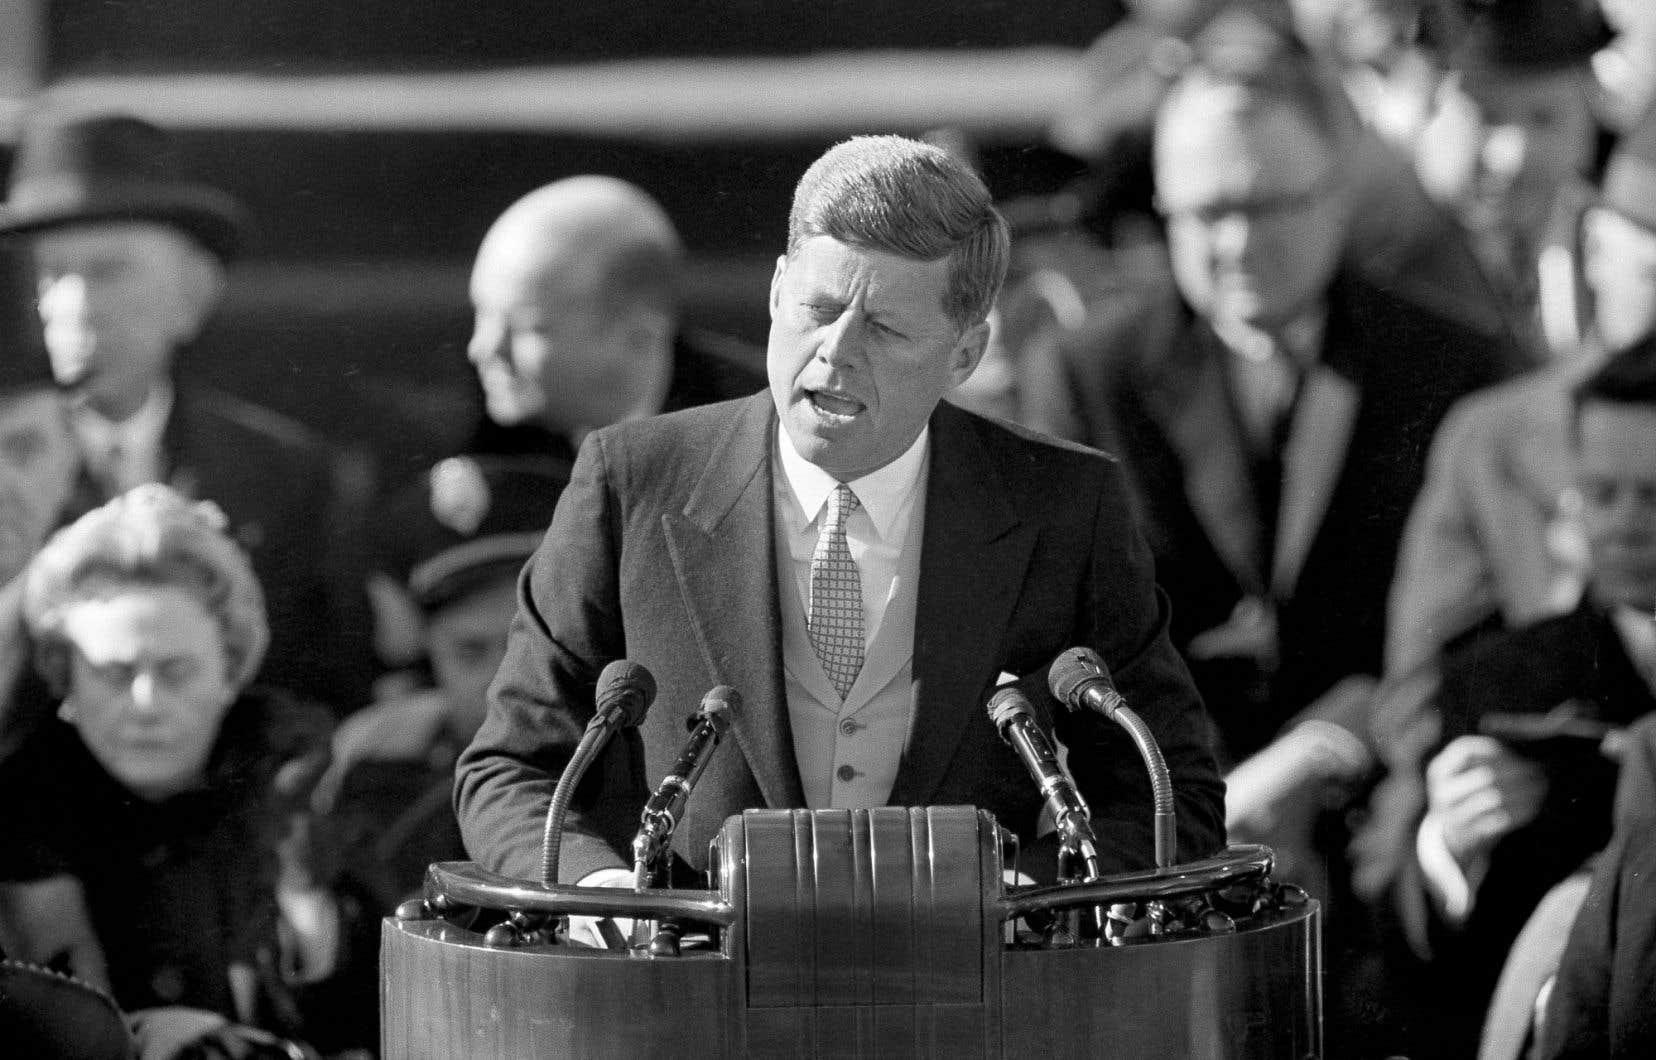 John F. Kennedy a livré son discours inaugural le 20 janvier 1961 au Capitole, à Washington.